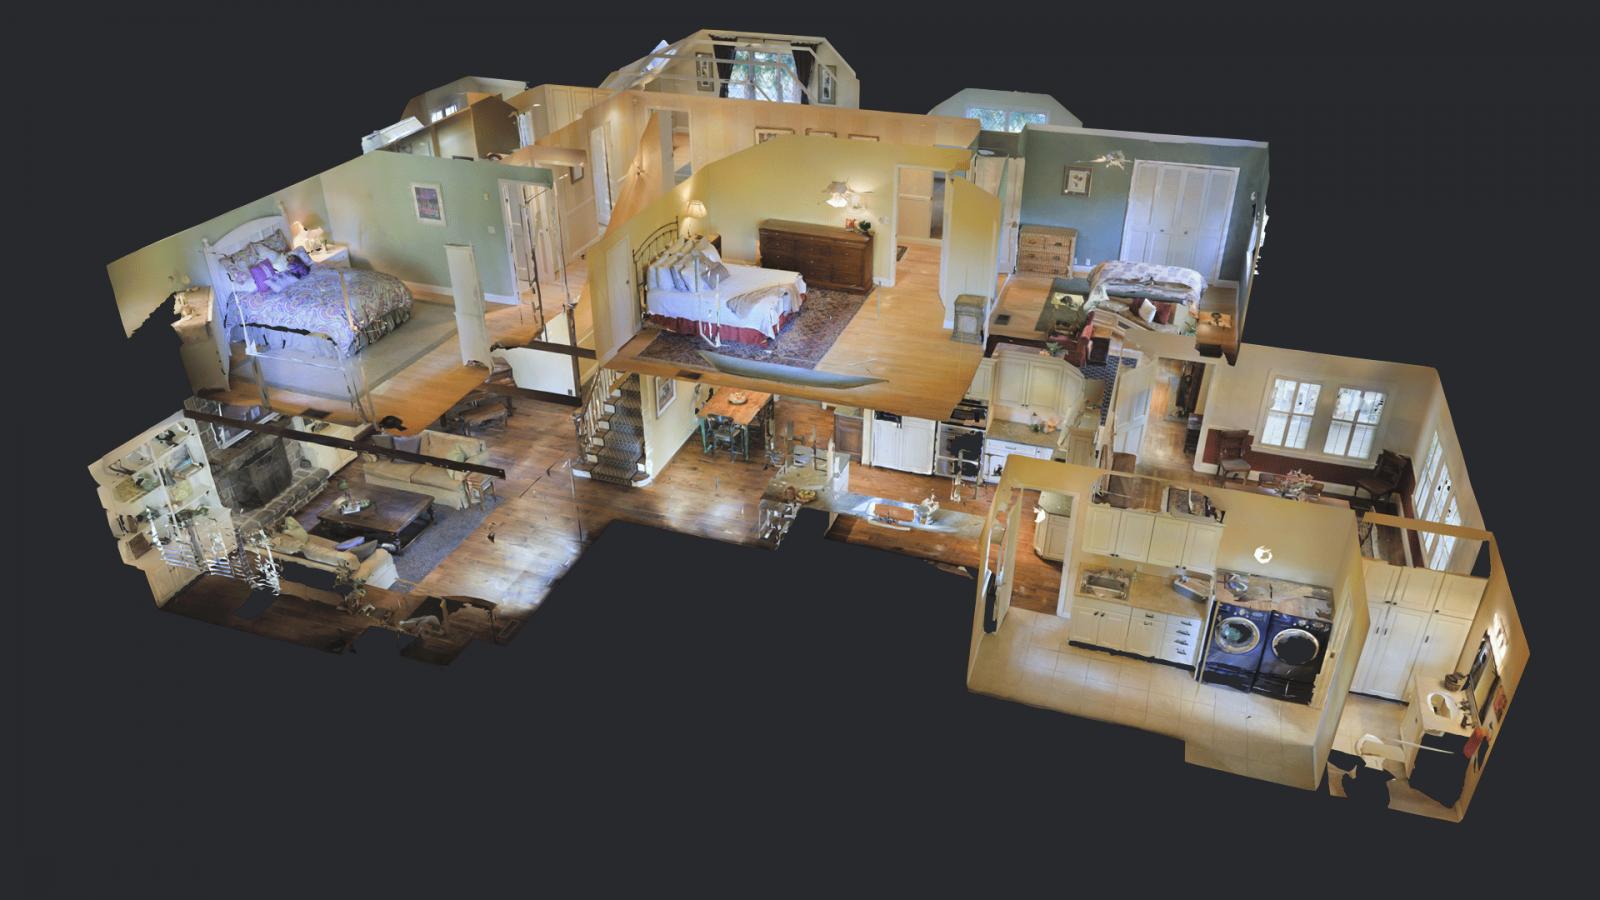 Người mua hay thuê có thể tham quan Bất Động Sản một cách trực quan thông qua công nghệ thực tế ảo (VR360) - tuongtaccongdong.com